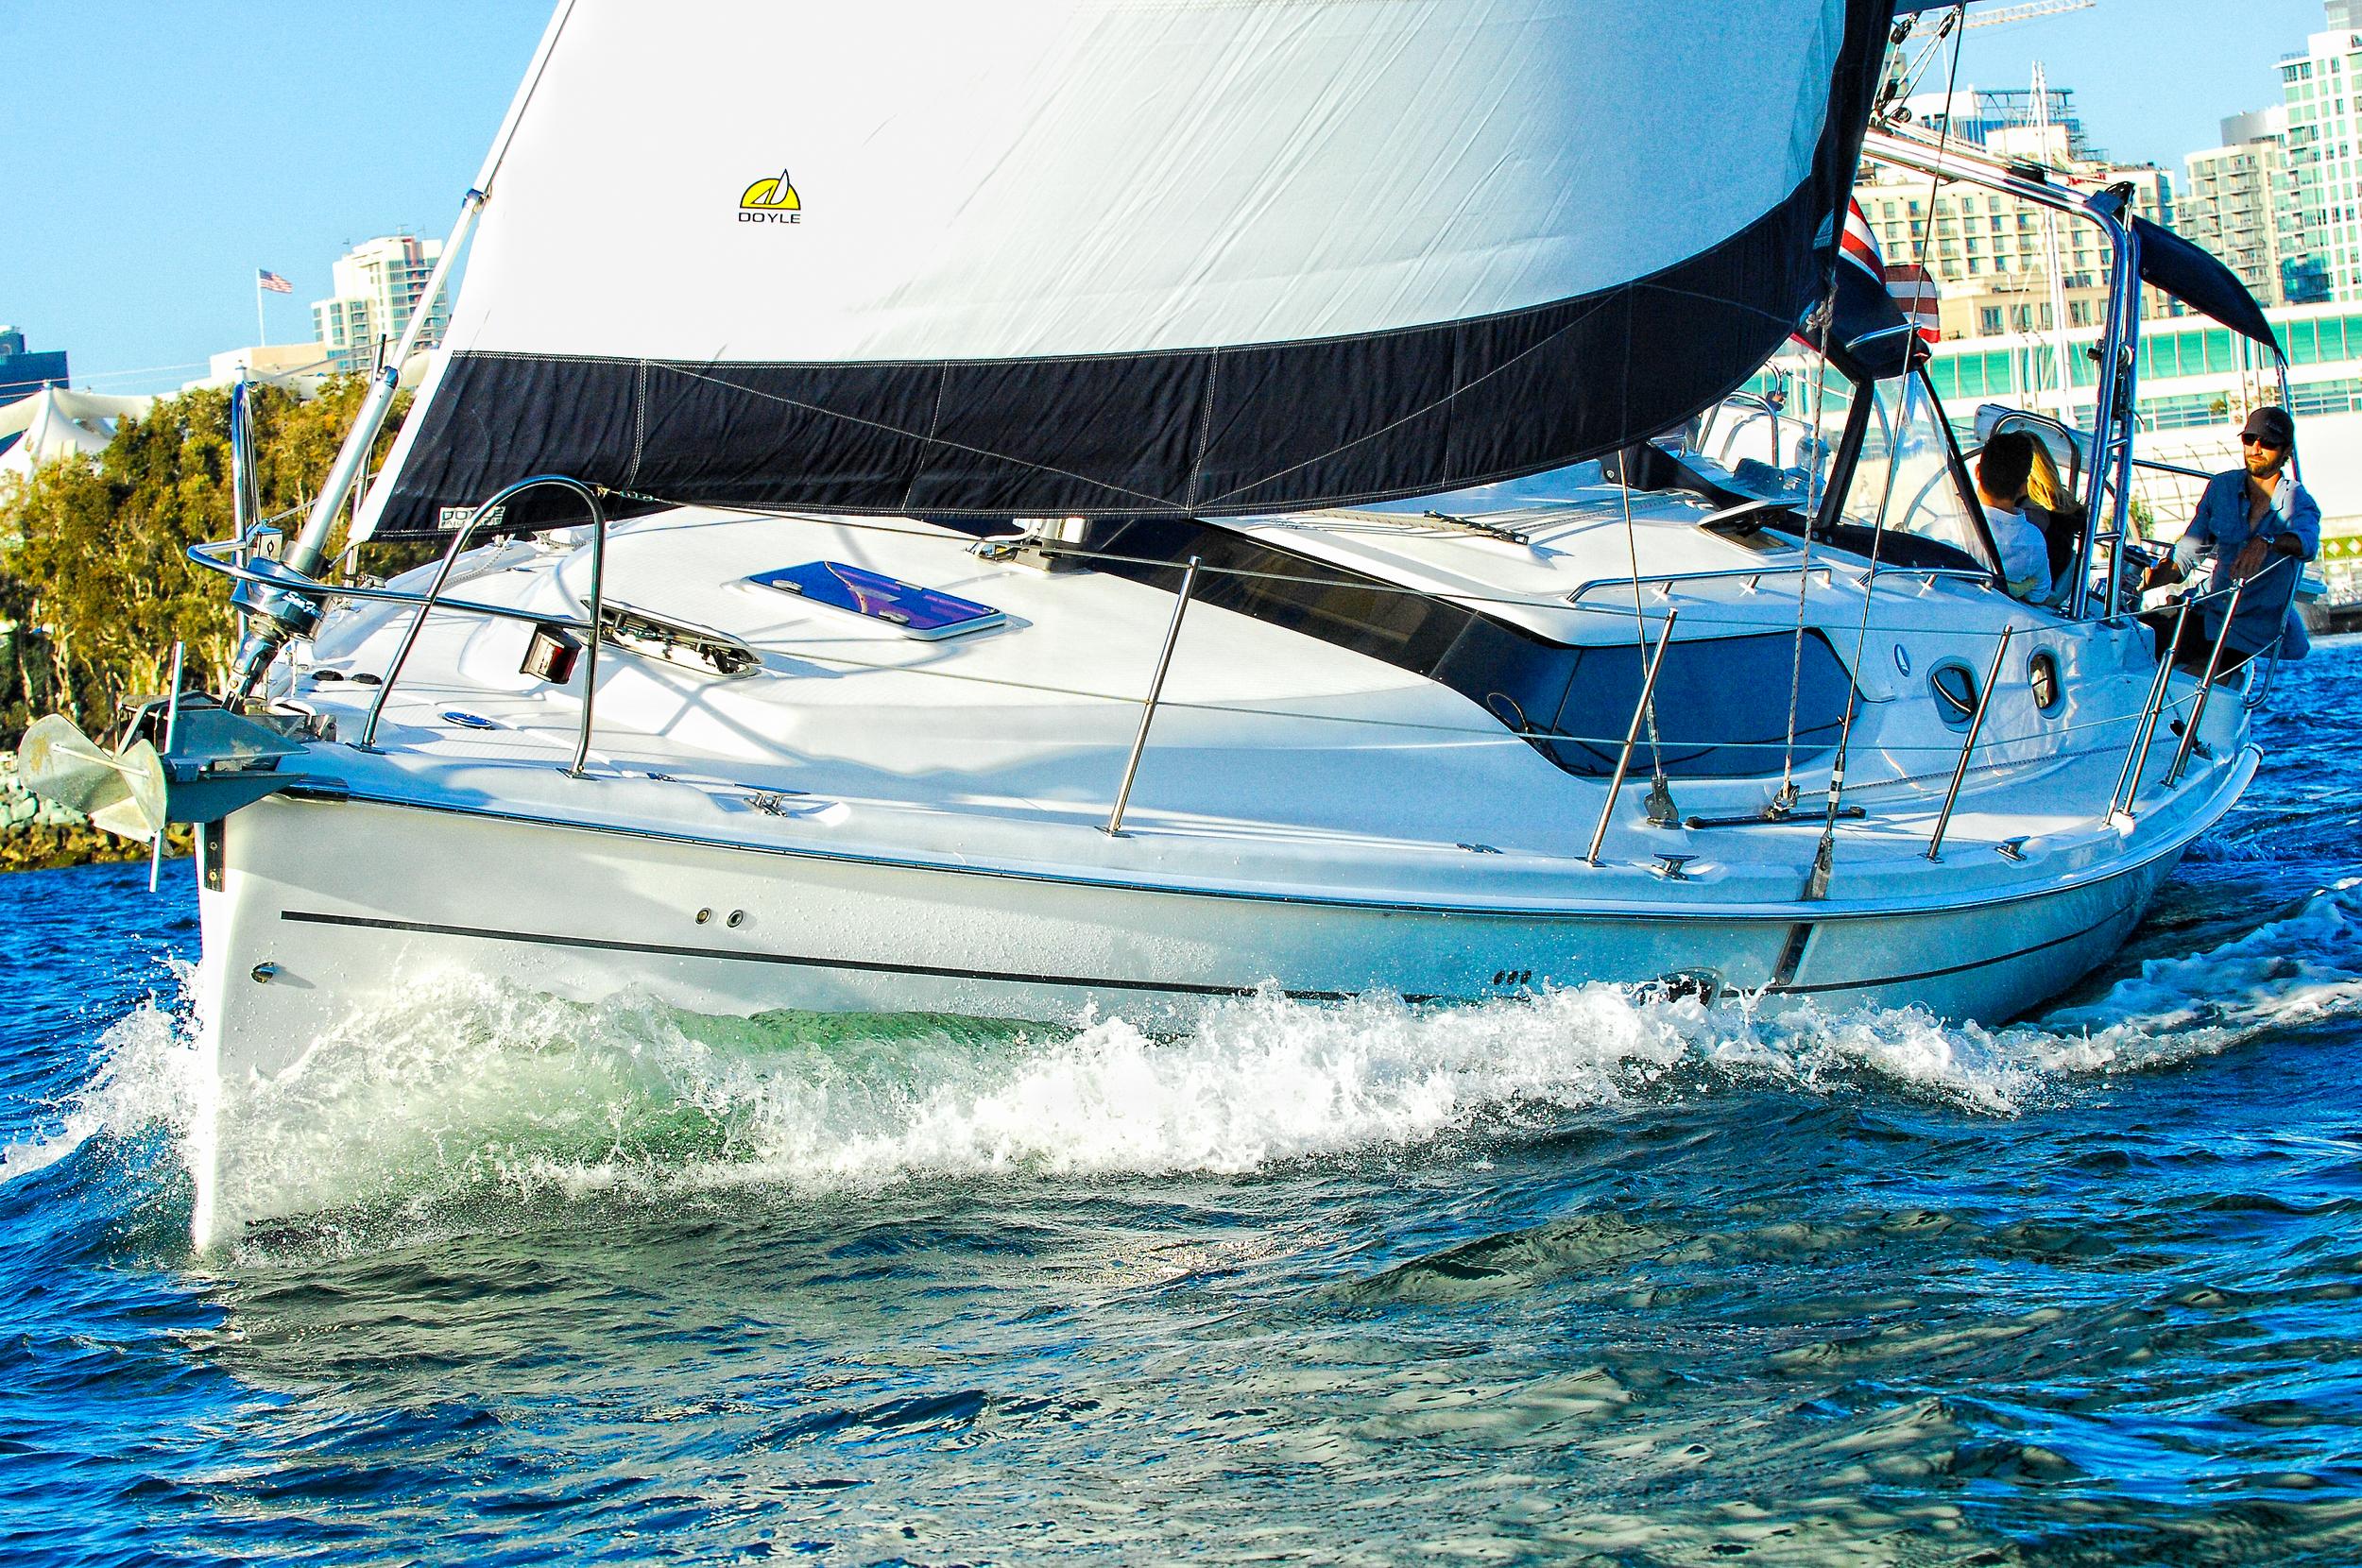 Sailing-close-up-bow-splash.jpg